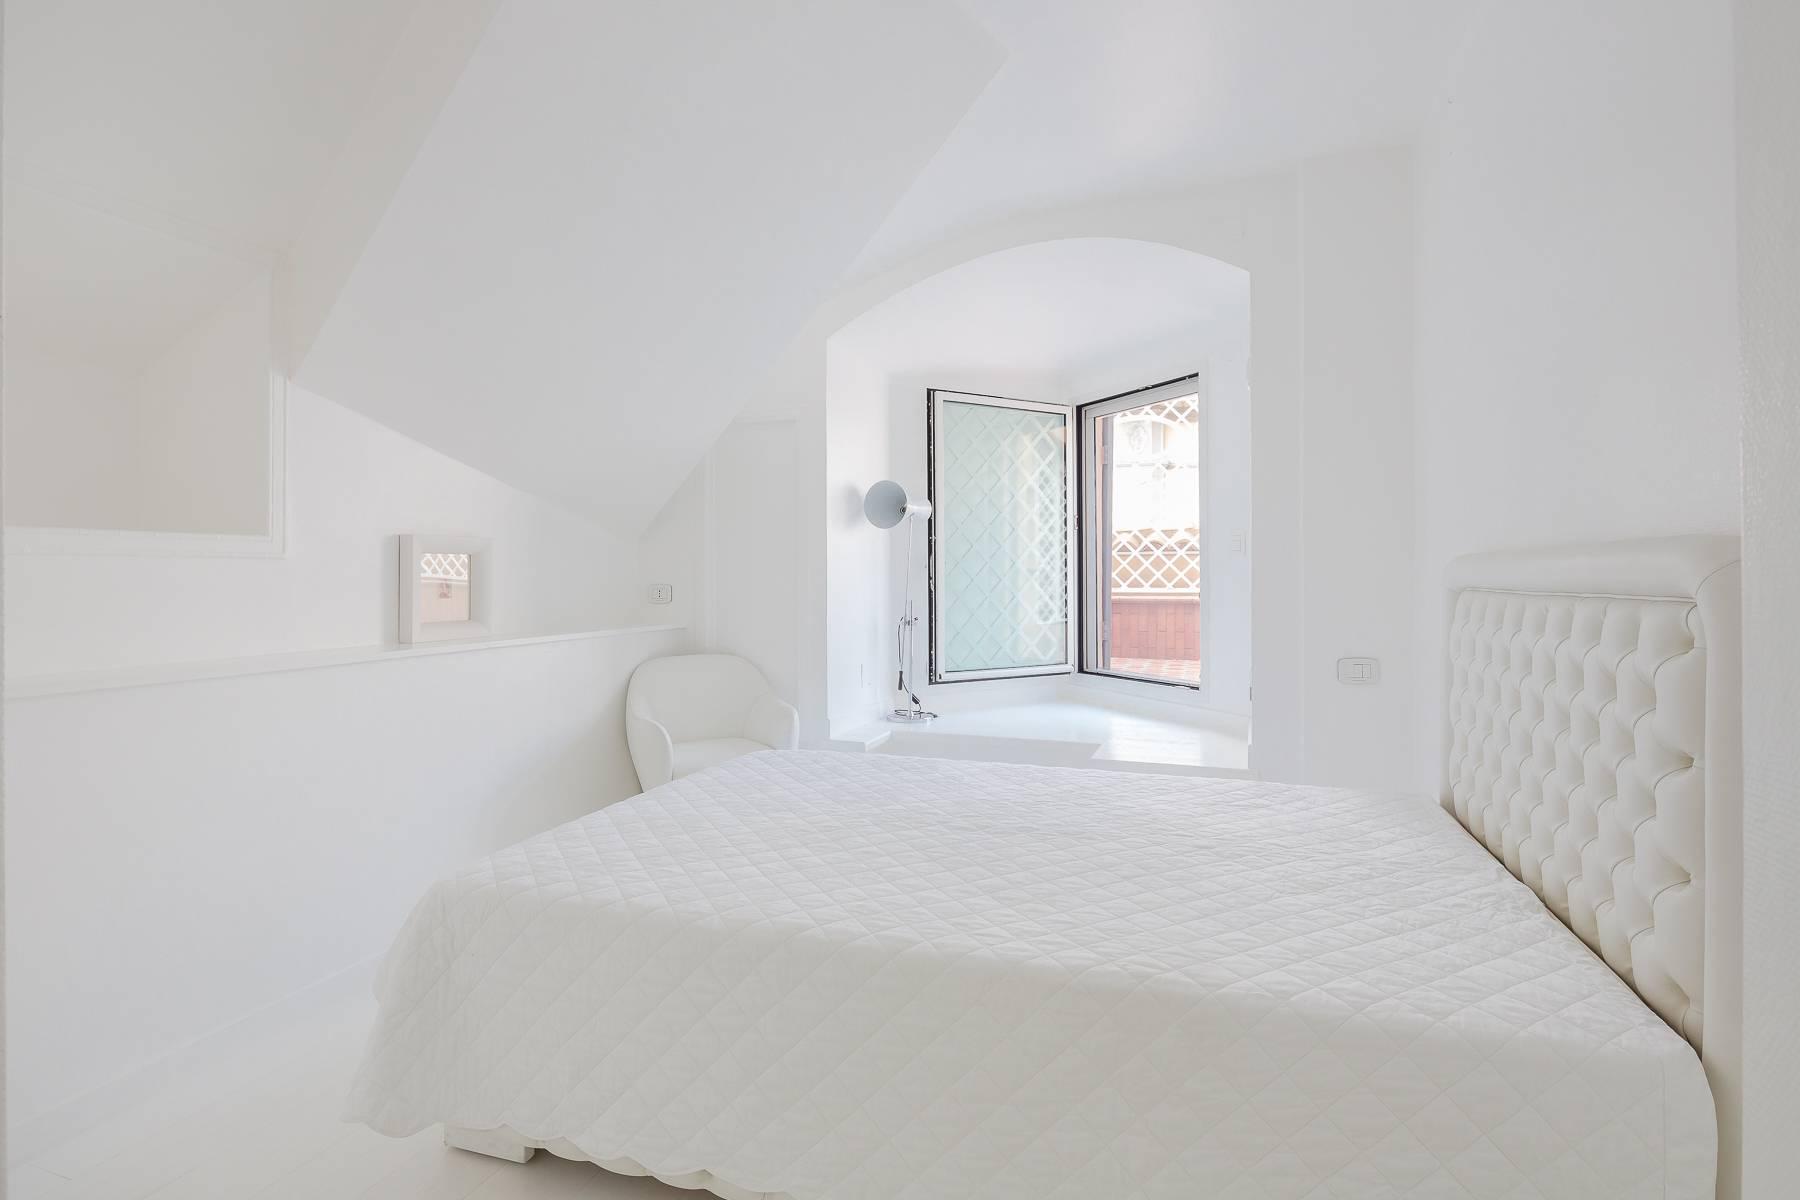 Top-floor apartment for rent in Via Tamburini - 19